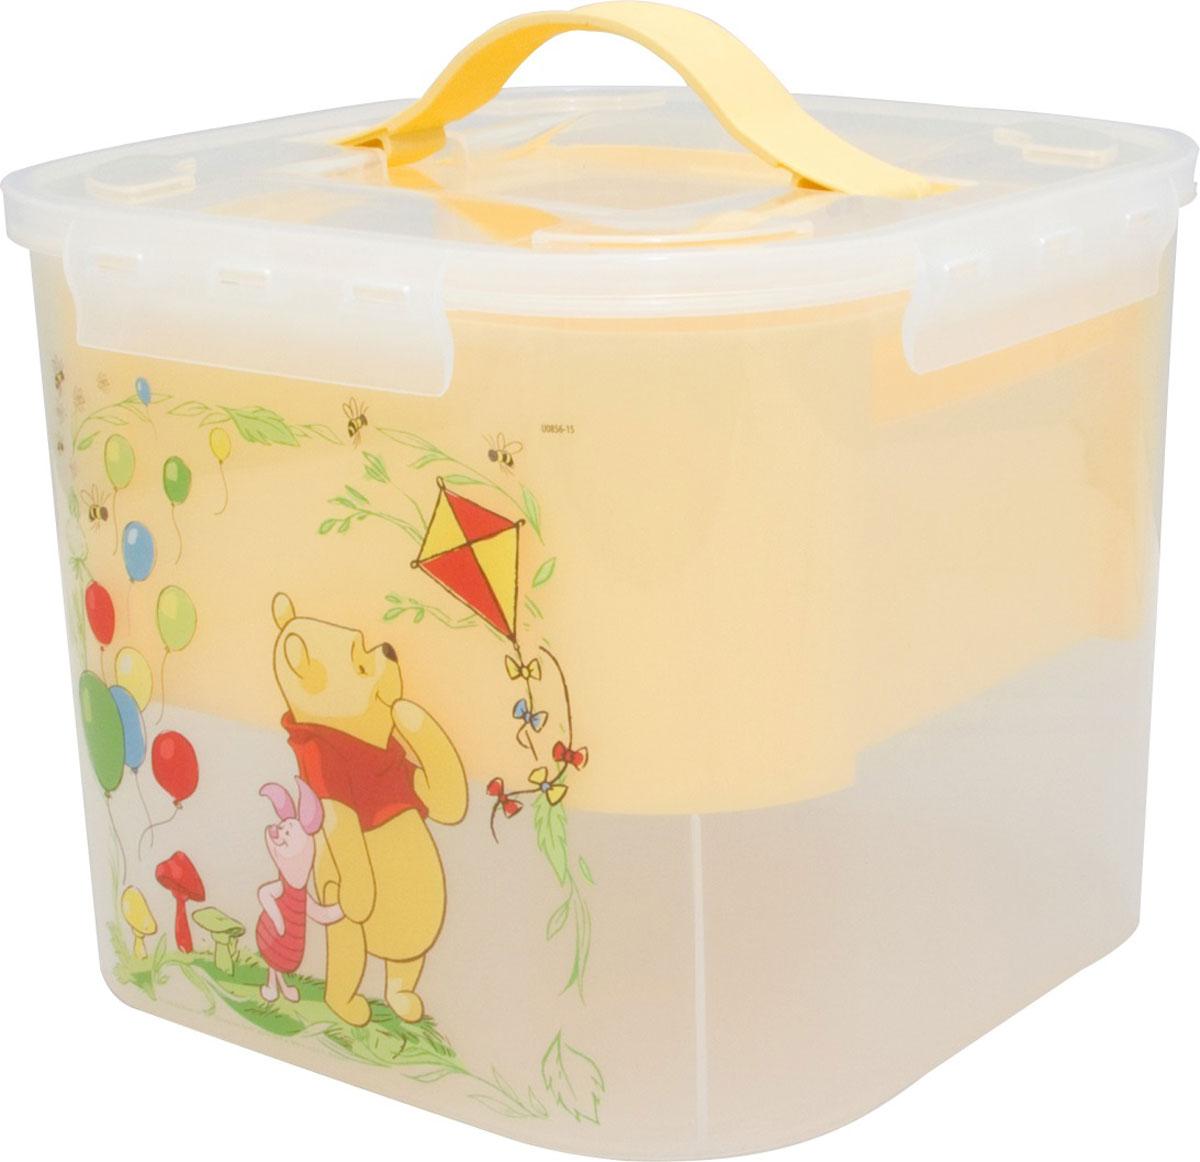 Контейнер для детских принадлежностей Disney, цвет: банановый, 7 л